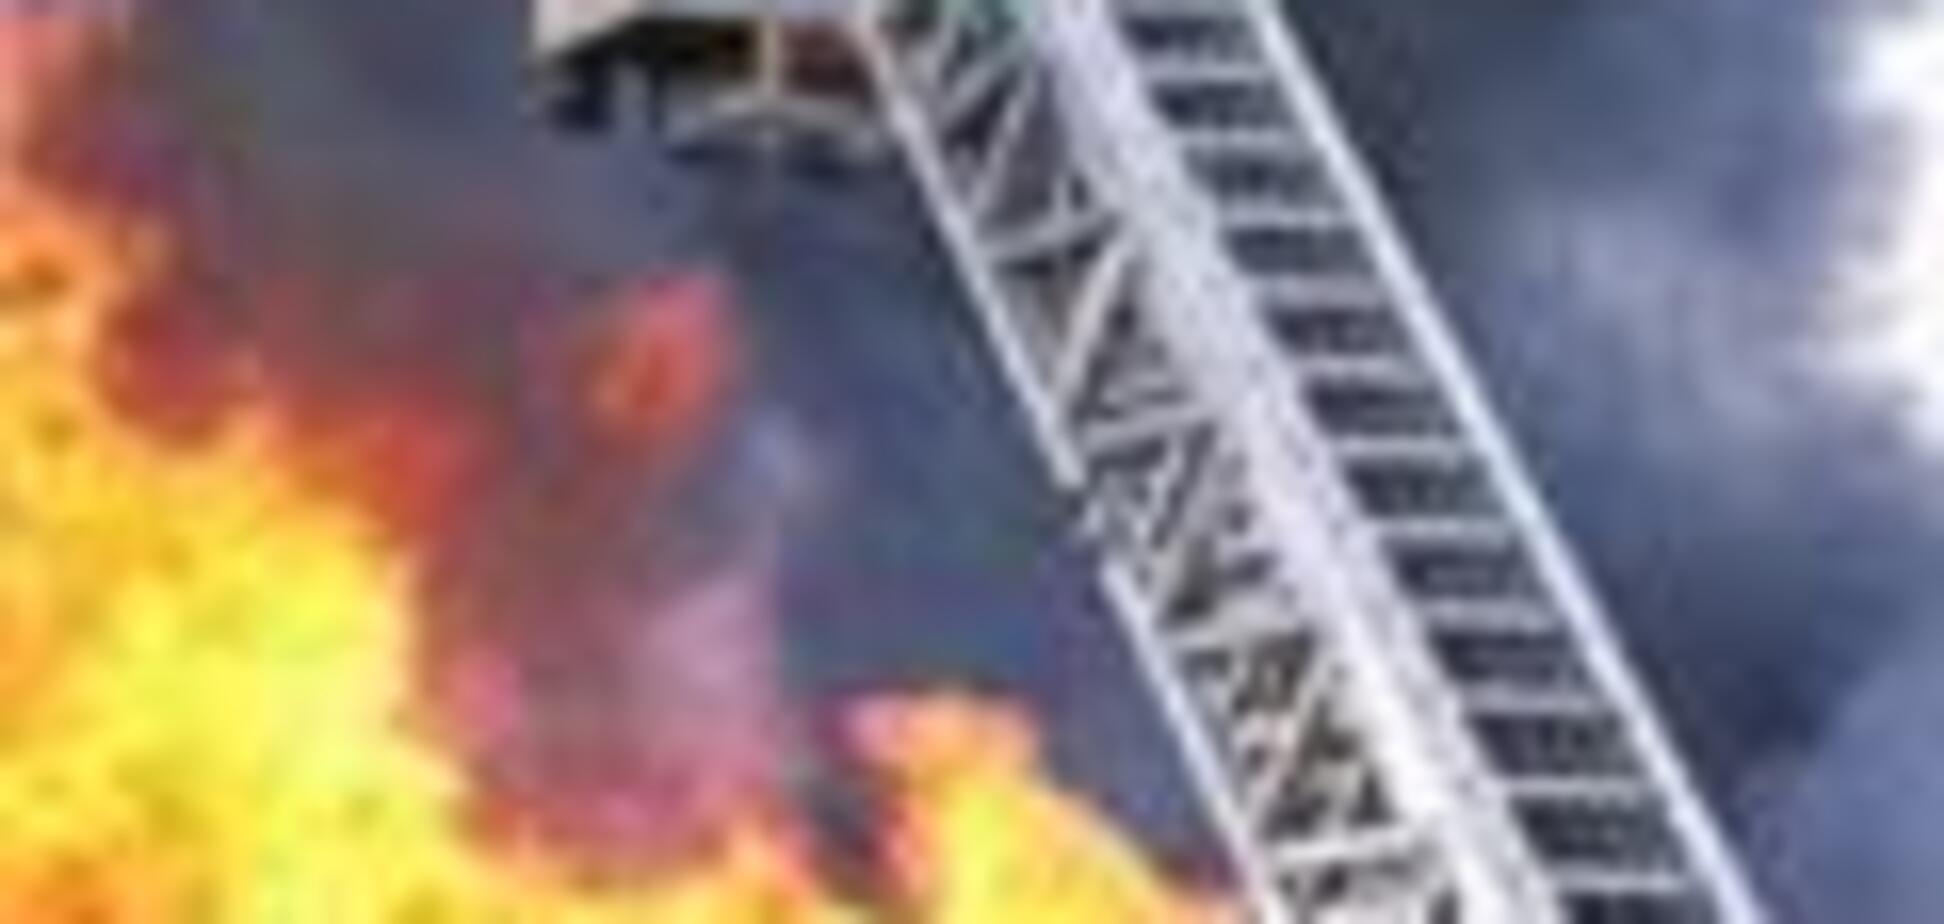 В Индии загорелся нефтехимический завод, есть жертвы